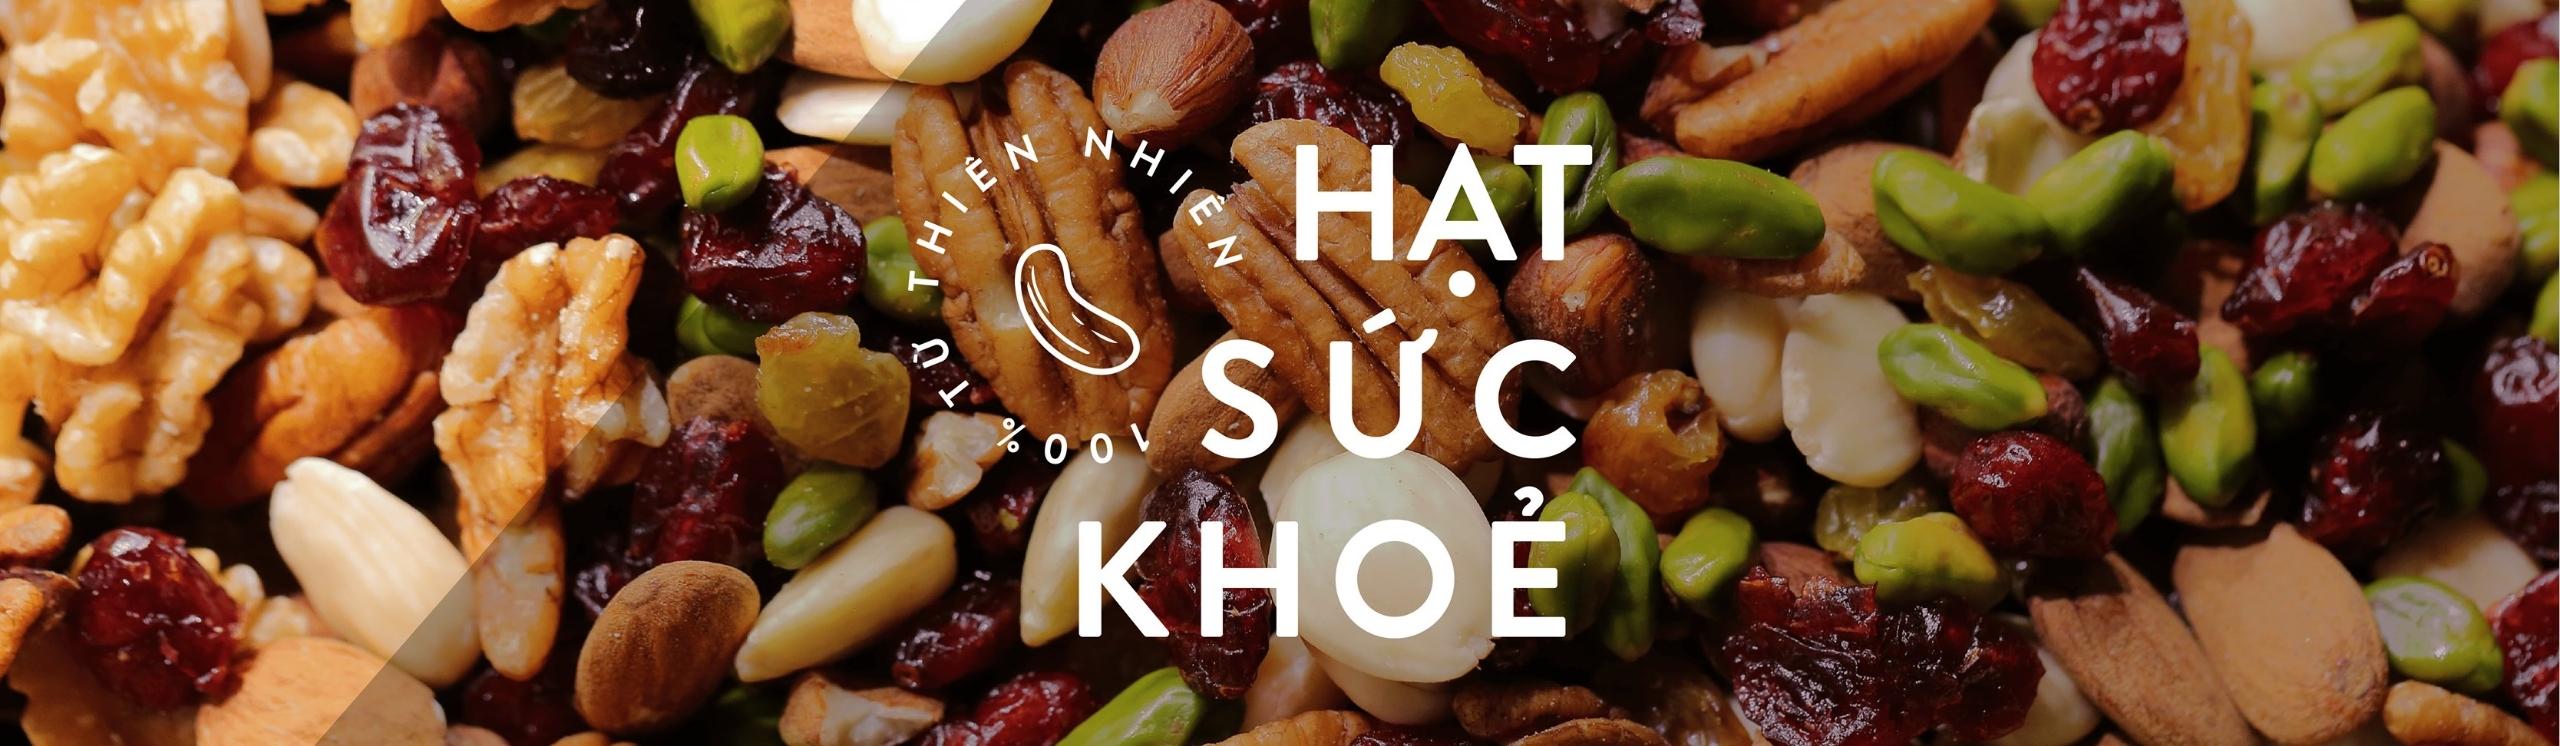 Hatsuckhoe (@hatsuckhoe) Cover Image